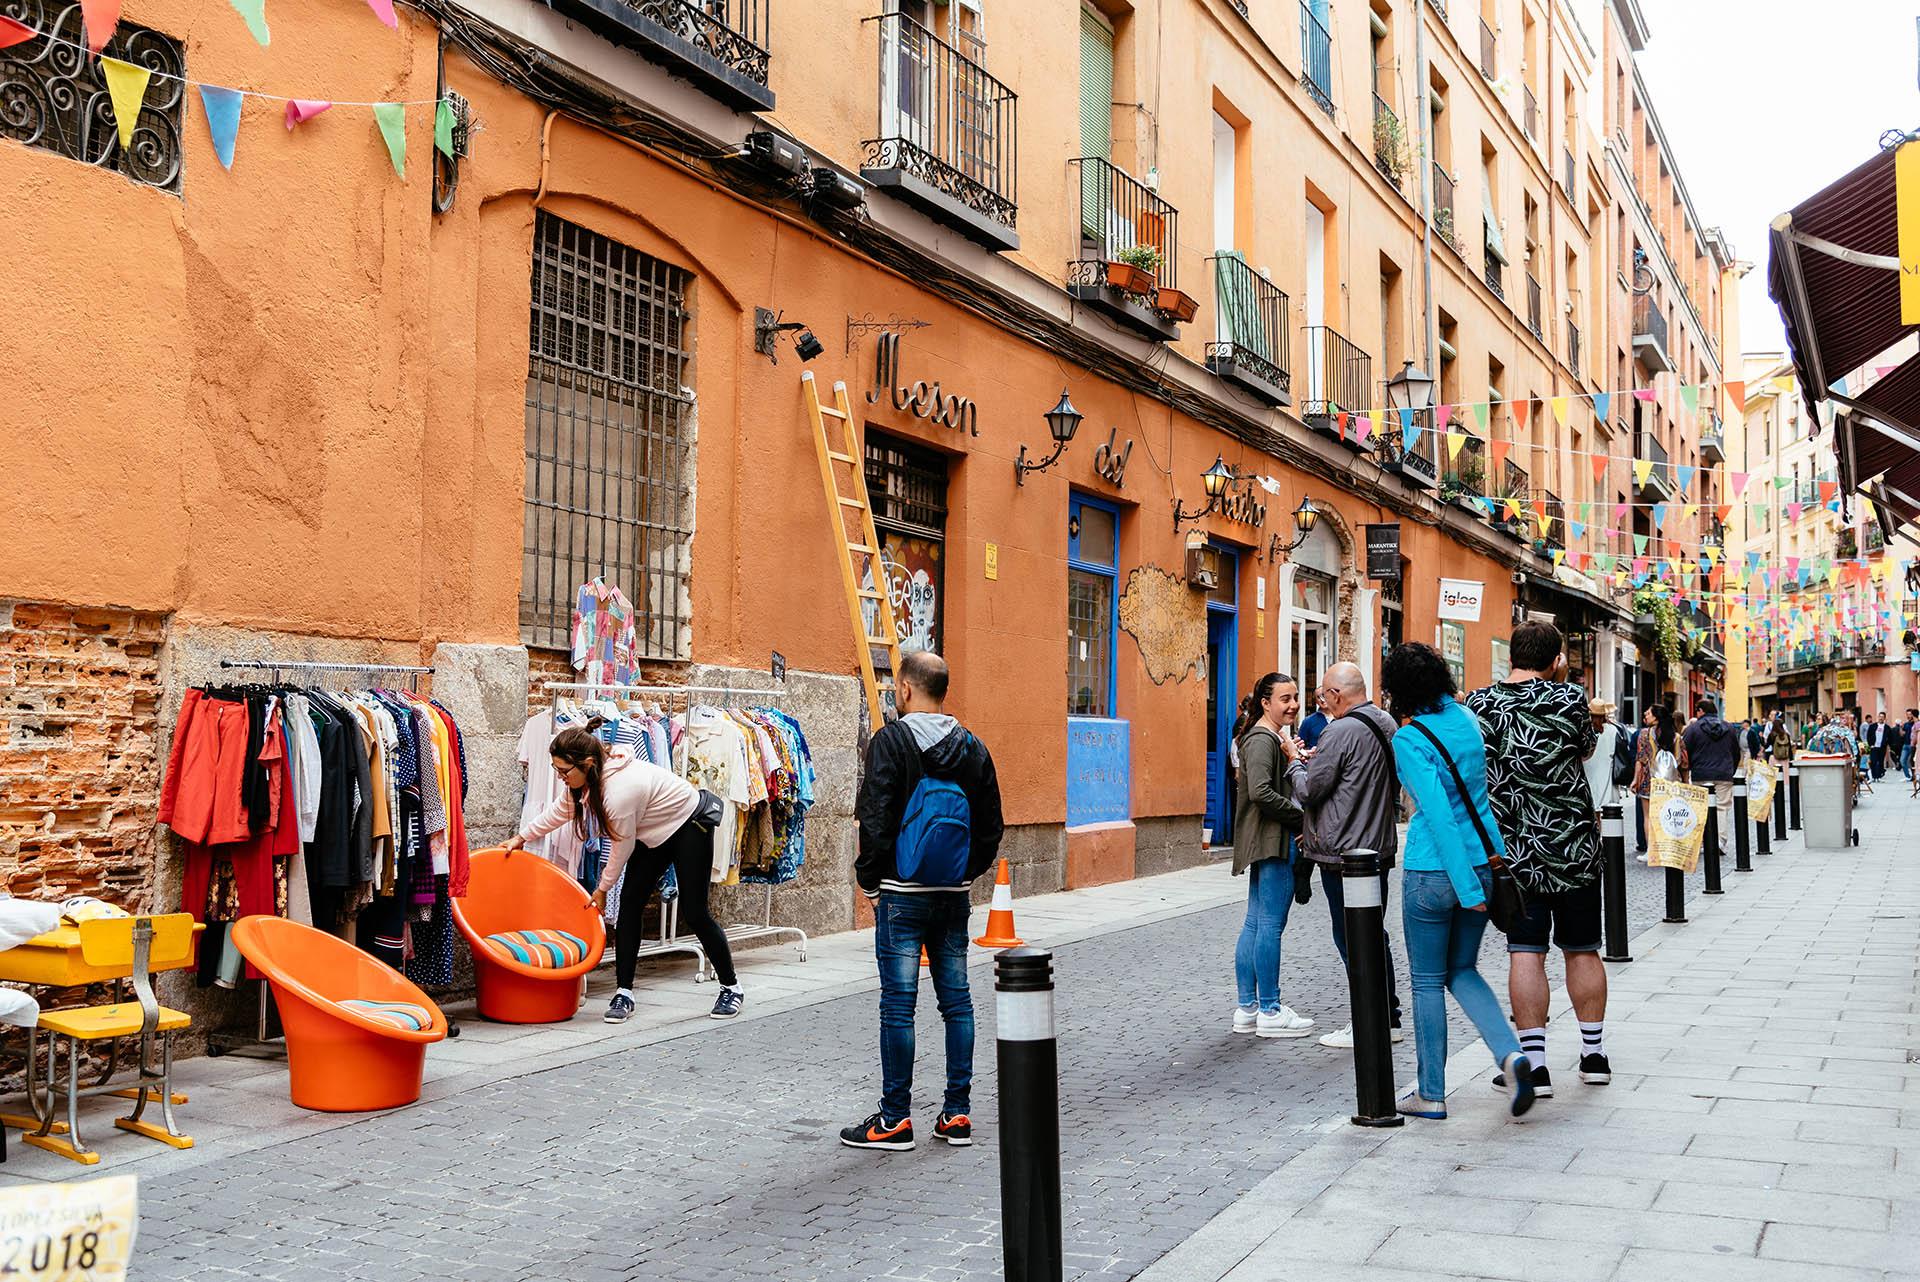 Embajadores es el barrio más diverso y animado de Madrid. Este vibrante distrito alberga floristas, arte callejero, restaurantes indios y bares que sirven tapas españolas tradicionales